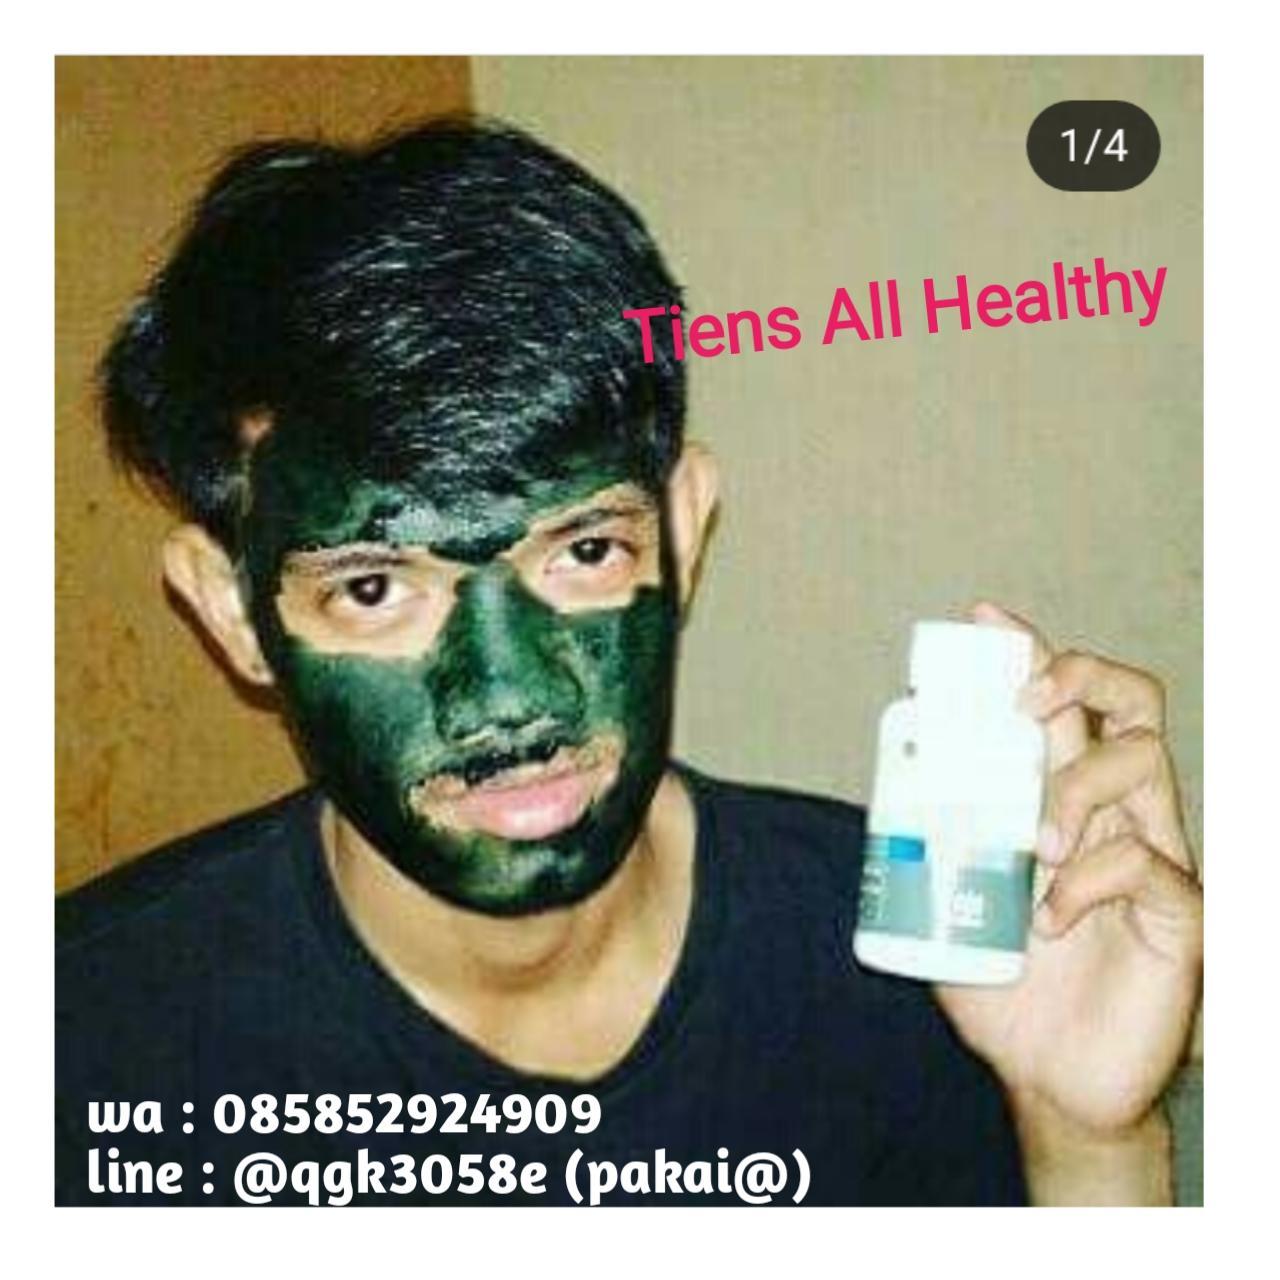 Diskon Untuk Harga Terendah Tiens Masker Spirulina Herbal Alami 10 Meili An Chang Wan Obat Jerawat Kapsul Bonus Kuas Cantik